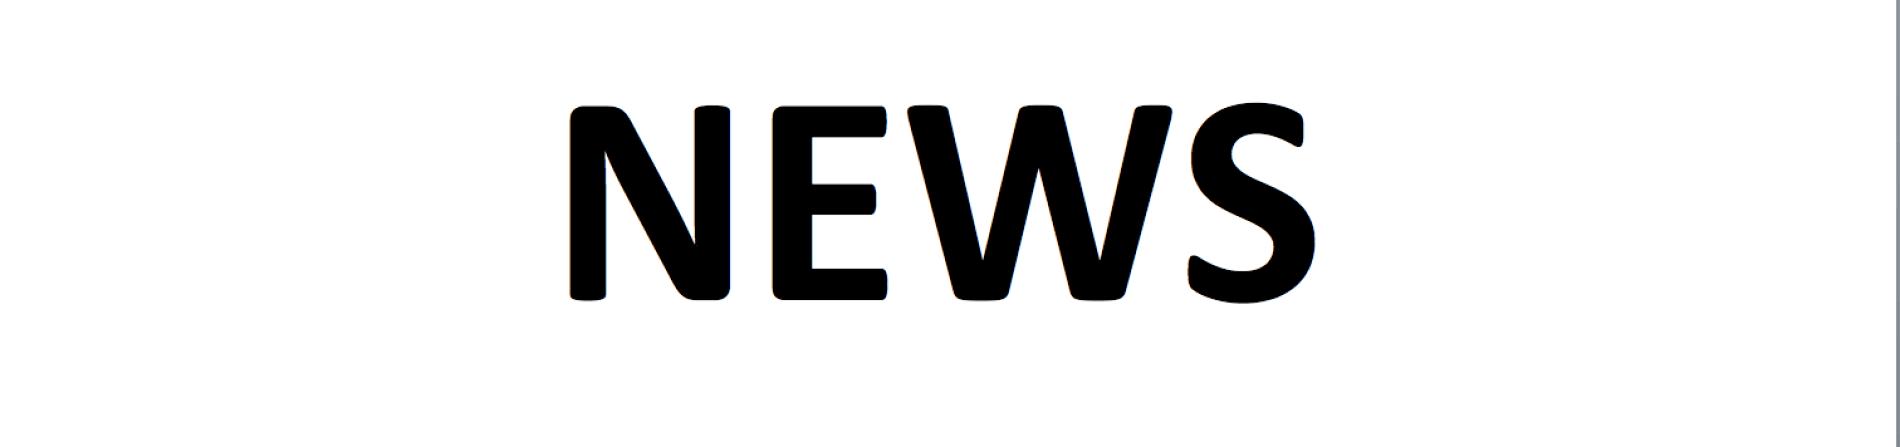 APRIL-NEWS